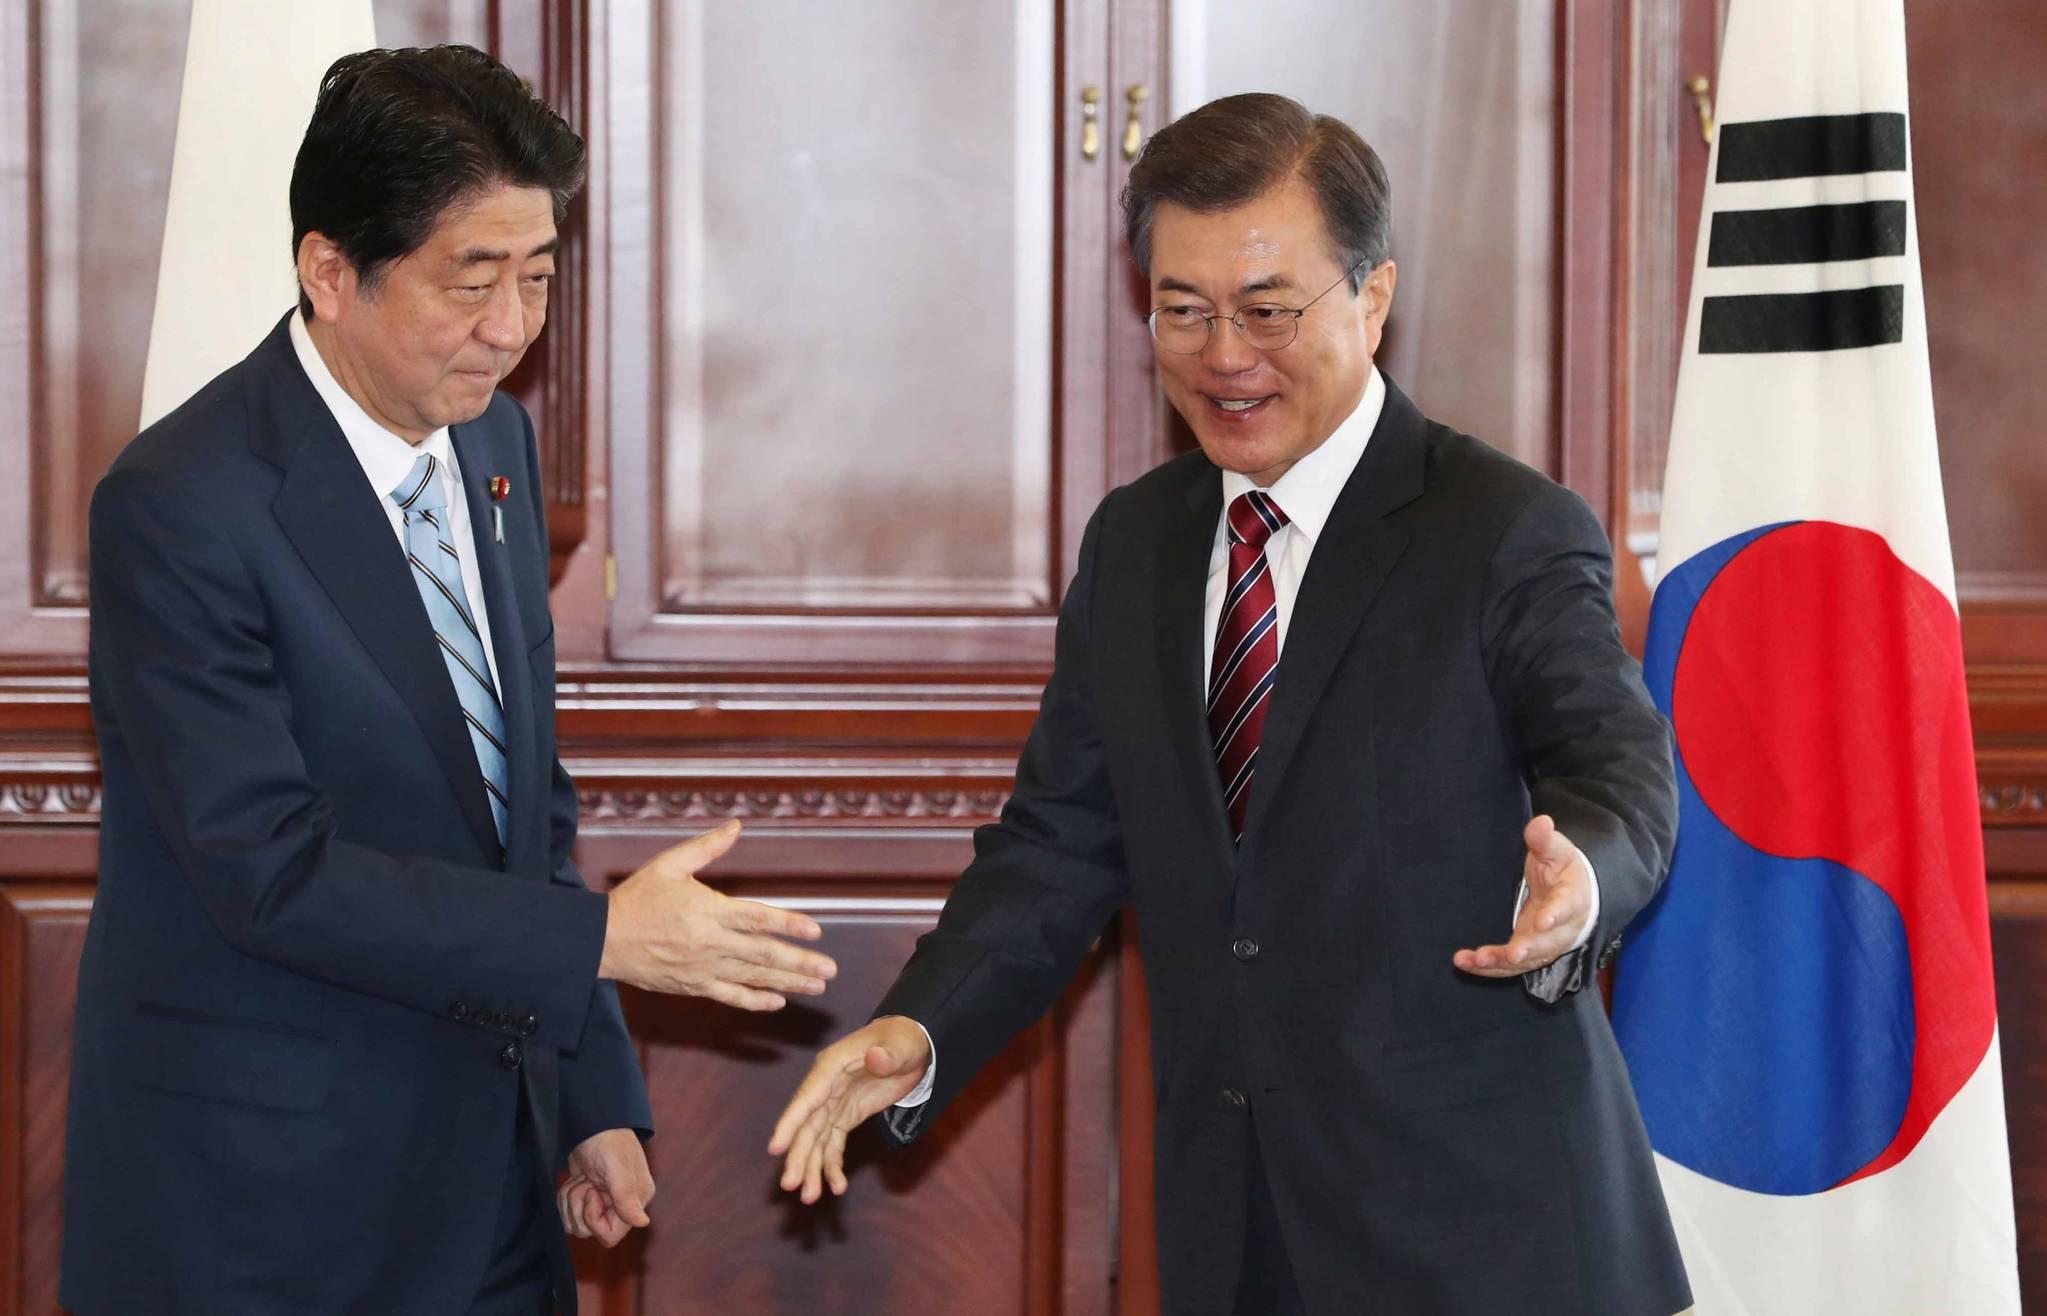 문재인 대통령이 9월 7일 러시아 블라디보스토크 극동연방대에서 아베 신조 일본 총리와 한-일 정상회담 전 만나고 있다. 청와대사진 기자단